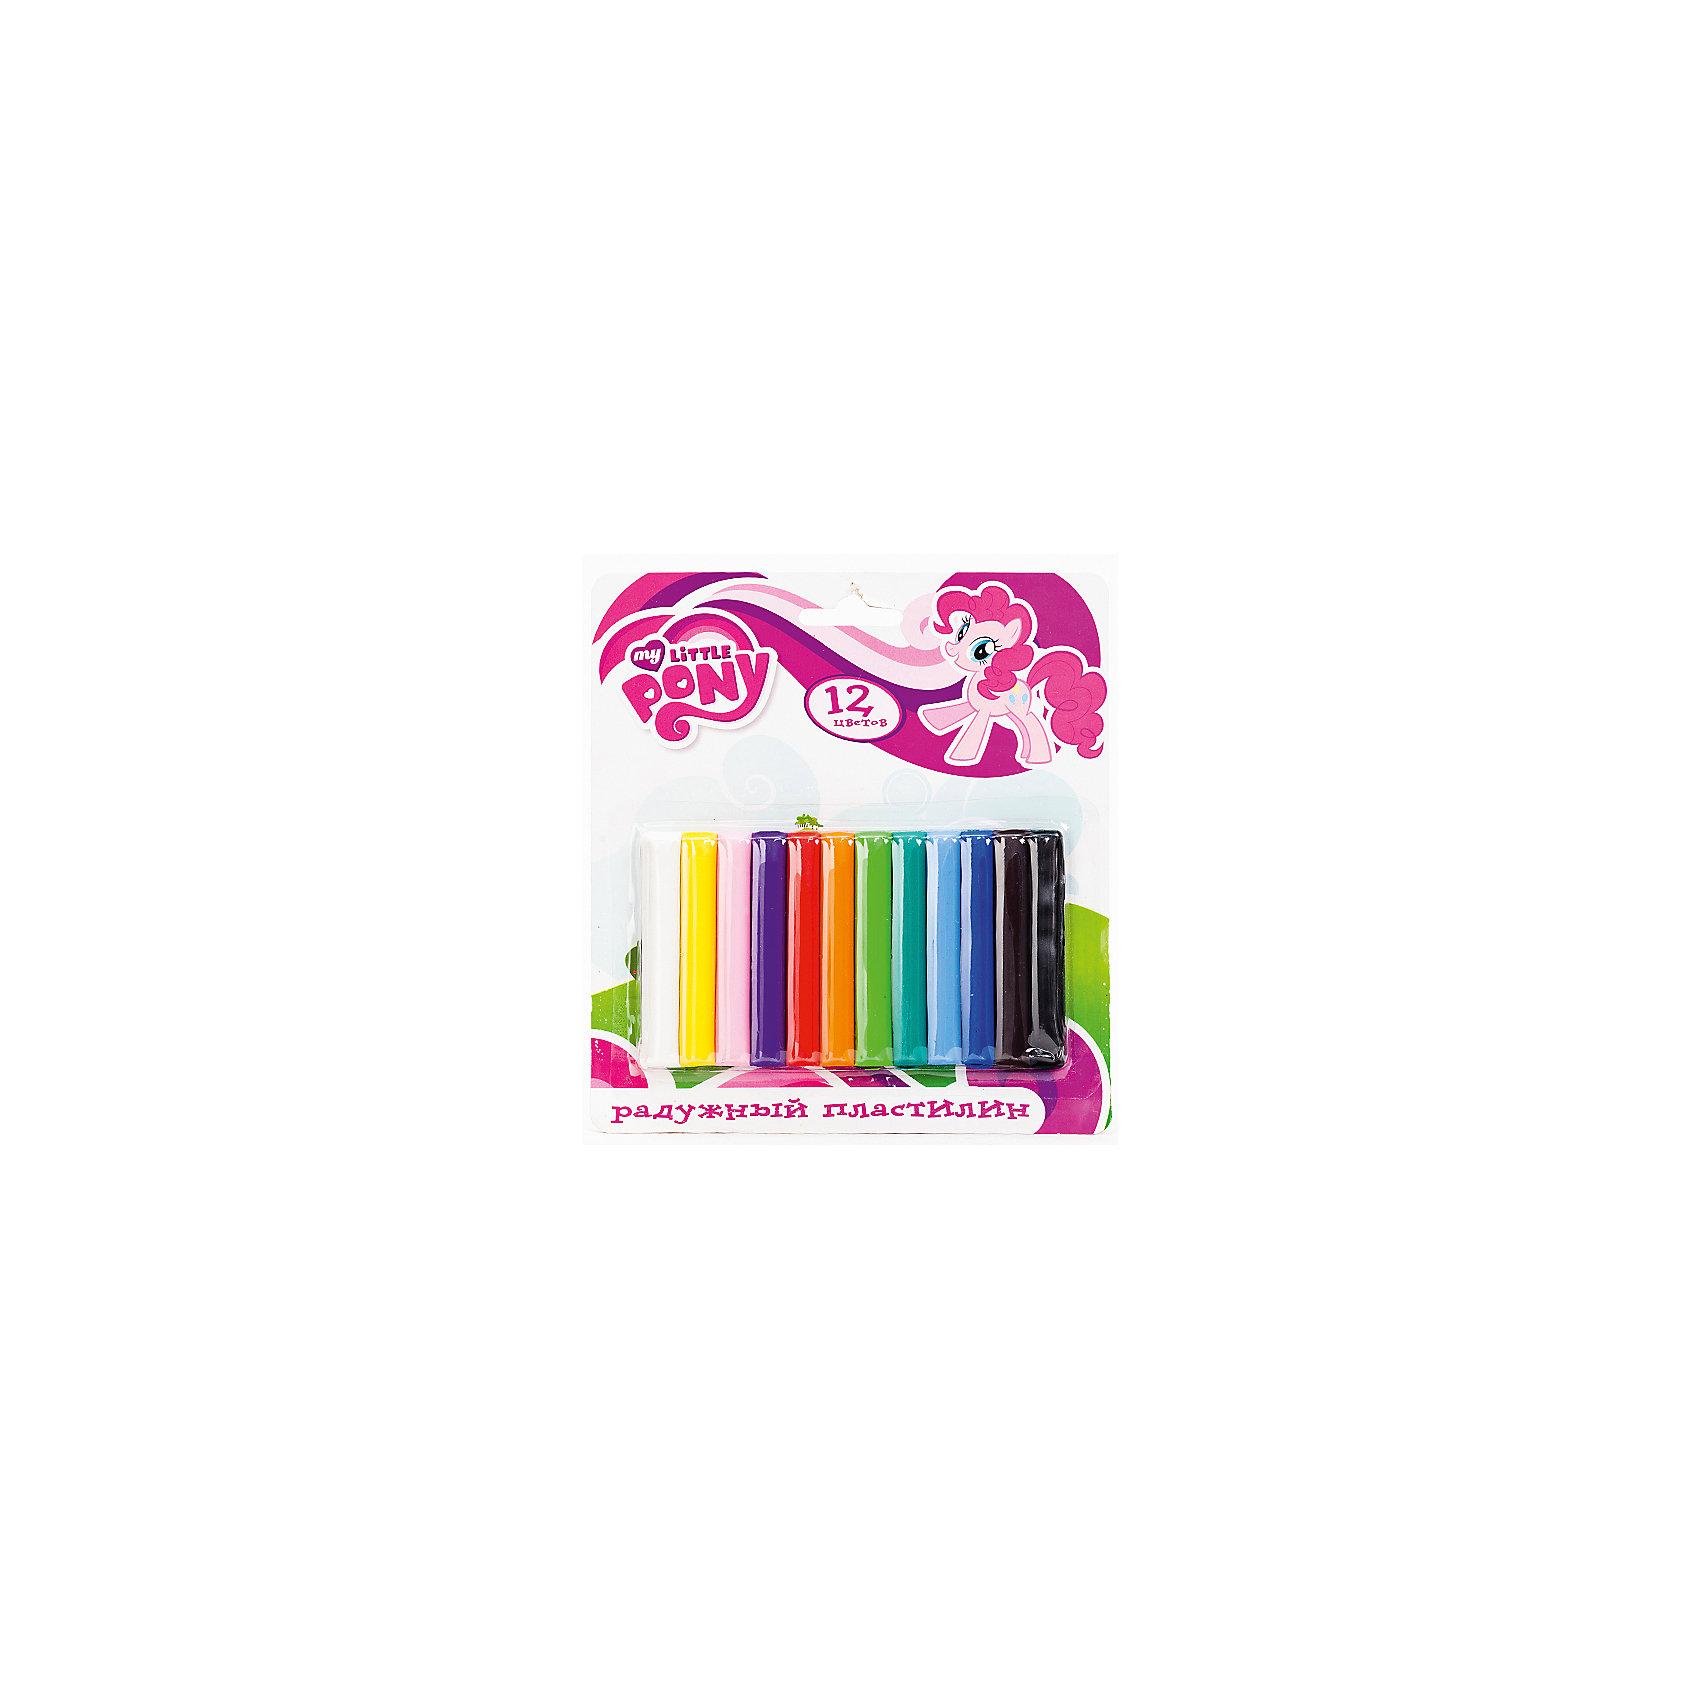 Набор пластилина, 12 цветов, My little PonyС Набором пластилина, 12 цветов, My little Pony (Мой маленький Пони) Ваш ребенок сможет проявить фантазию и почувствовать себя настоящим скульптором. При этом работа с пластилином будет стимулировать развитие творческих способностей и воображения, мелкой моторики, способствовать развитию мышц рук, тренировать внимательность, аккуратность, способствовать самовыражению. <br><br>Характеристики:<br>-Яркие и насыщенные цвета <br>-Каждый кусочек помещен в персональную упаковку, что не дает пластилину разных цветов смешиваться и высыхать<br>-Пластилин нетоксичен, не прилипает к рукам <br><br>Комплектация: 12 разноцветных брусочков пластилина<br><br>Дополнительная информация:<br>-Серия: Мой маленький Пони<br>-Вес в упаковке: 170 г<br>-Размеры в упаковке: 160х180х100 мм<br>-Материалы: пластилин<br><br>Лучший подарок для Вашего ребенка – это набор пластилина, который будет способствовать разностороннему развитию малыша! <br><br>Набор пластилина, 12 цветов, My little Pony (Мой маленький Пони) можно купить в нашем магазине.<br><br>Ширина мм: 160<br>Глубина мм: 180<br>Высота мм: 100<br>Вес г: 170<br>Возраст от месяцев: 36<br>Возраст до месяцев: 84<br>Пол: Женский<br>Возраст: Детский<br>SKU: 4079307